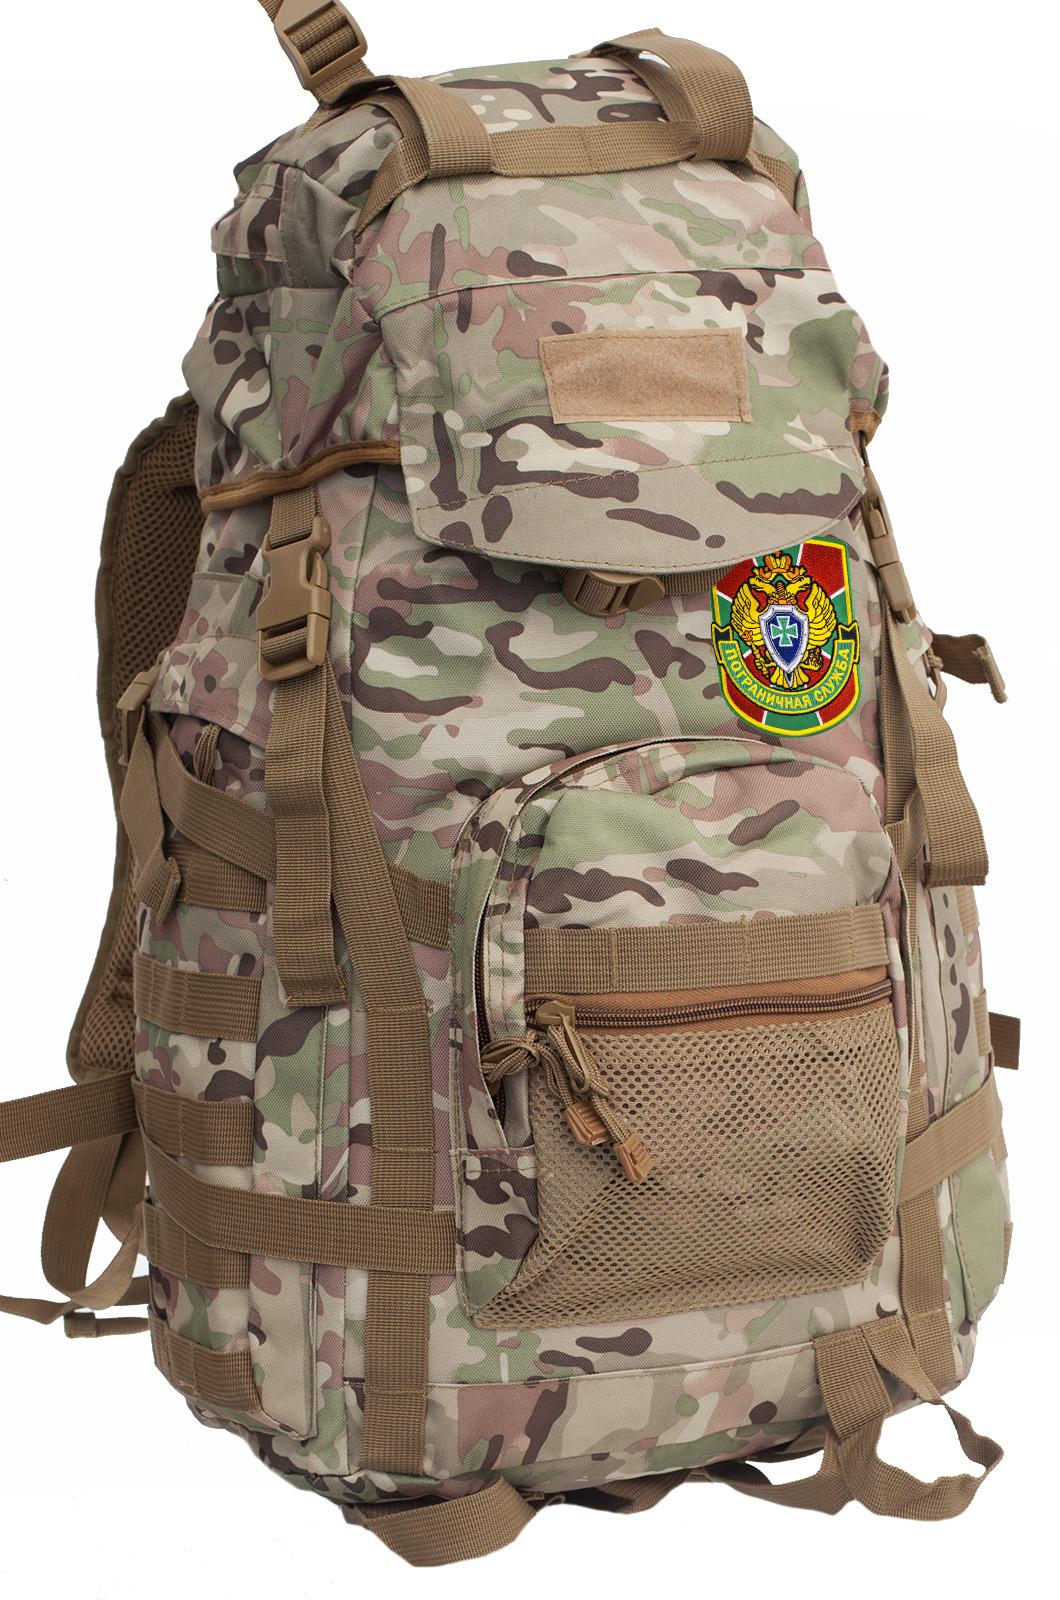 Рейдовый камуфляжный рюкзак с нашивкой Пограничной службы - купить выгодно